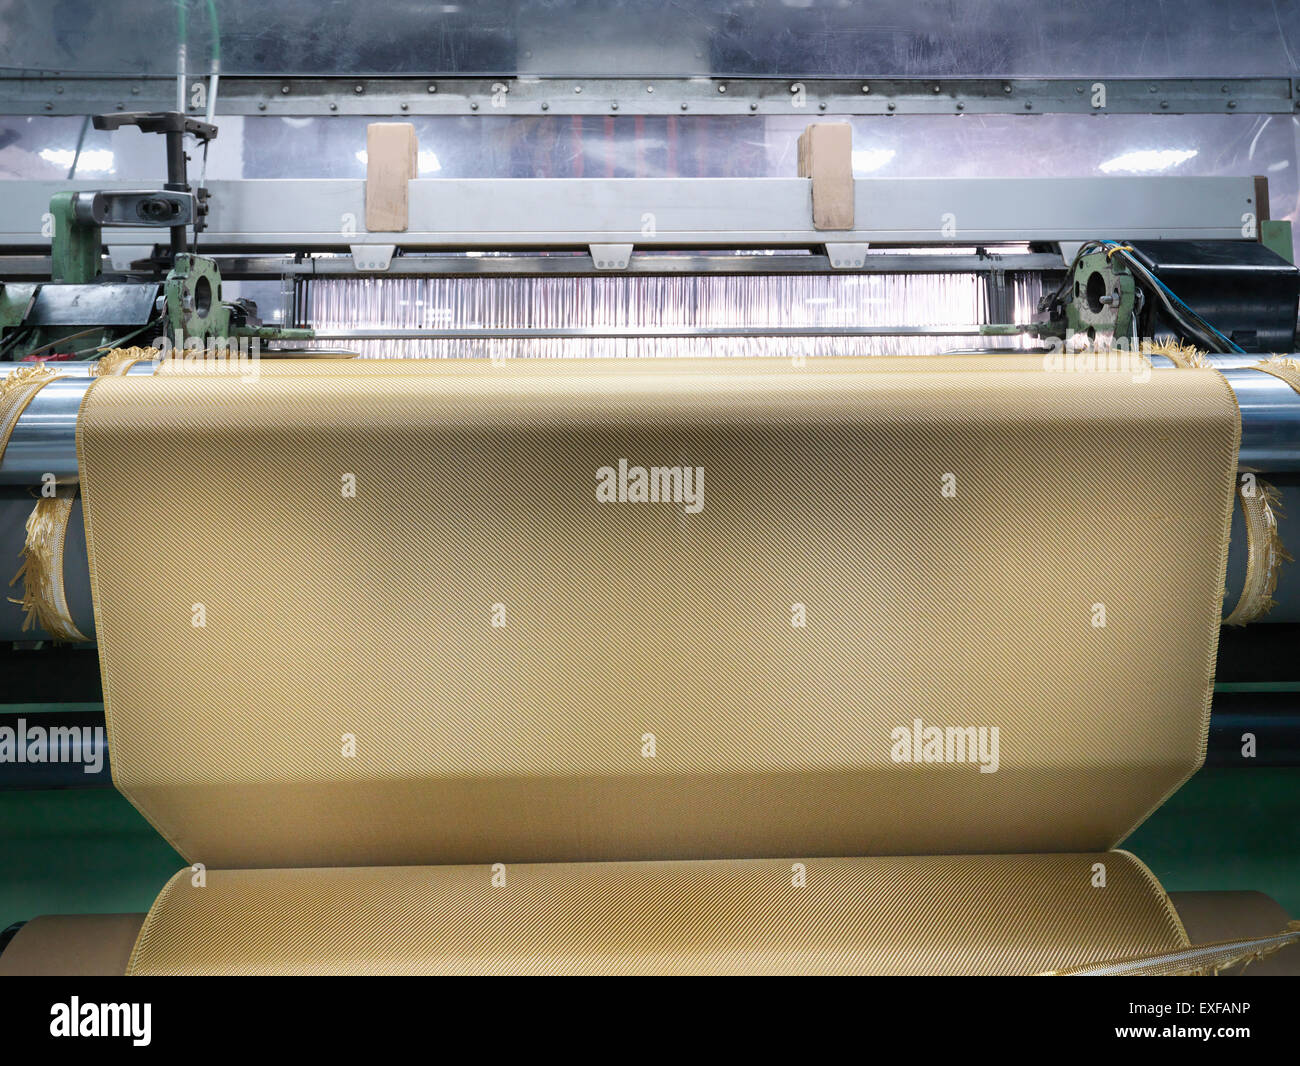 El Telar de tejer Tejido kevlar en fábrica de fibra de carbono Imagen De Stock